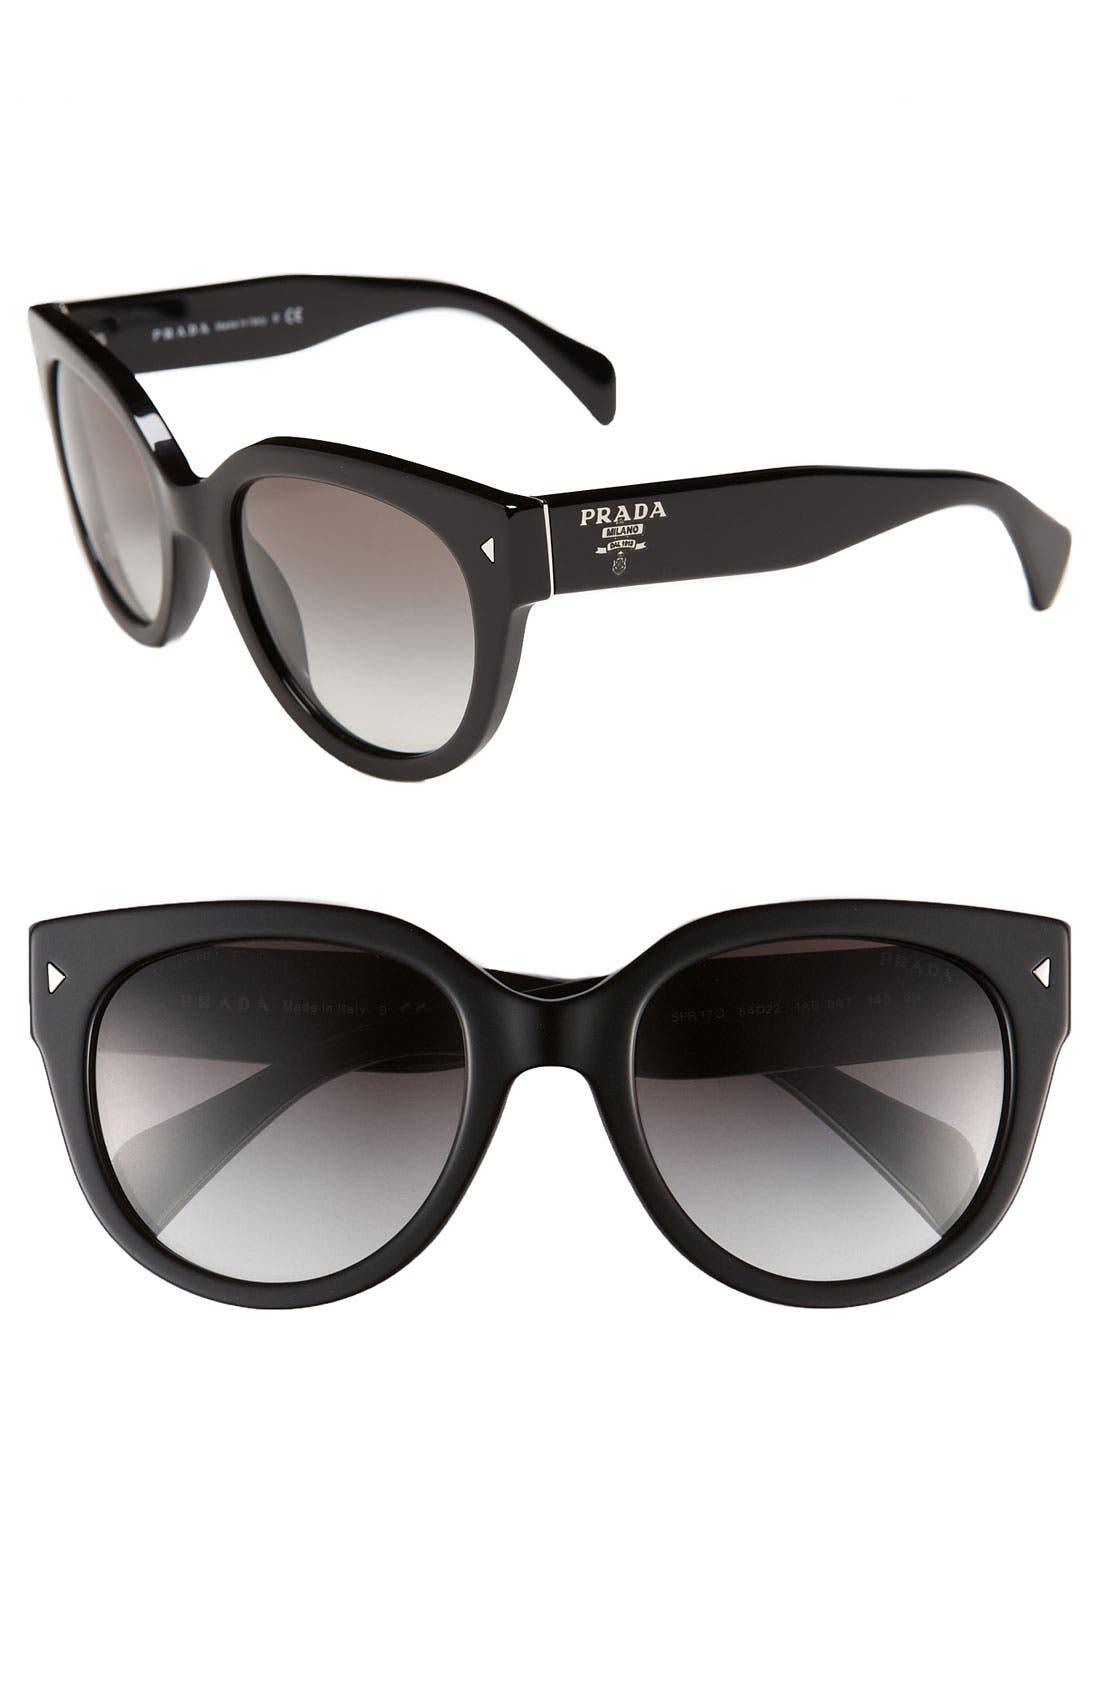 Alternate Image 1 Selected - Prada 54mm Cat Eye Sunglasses